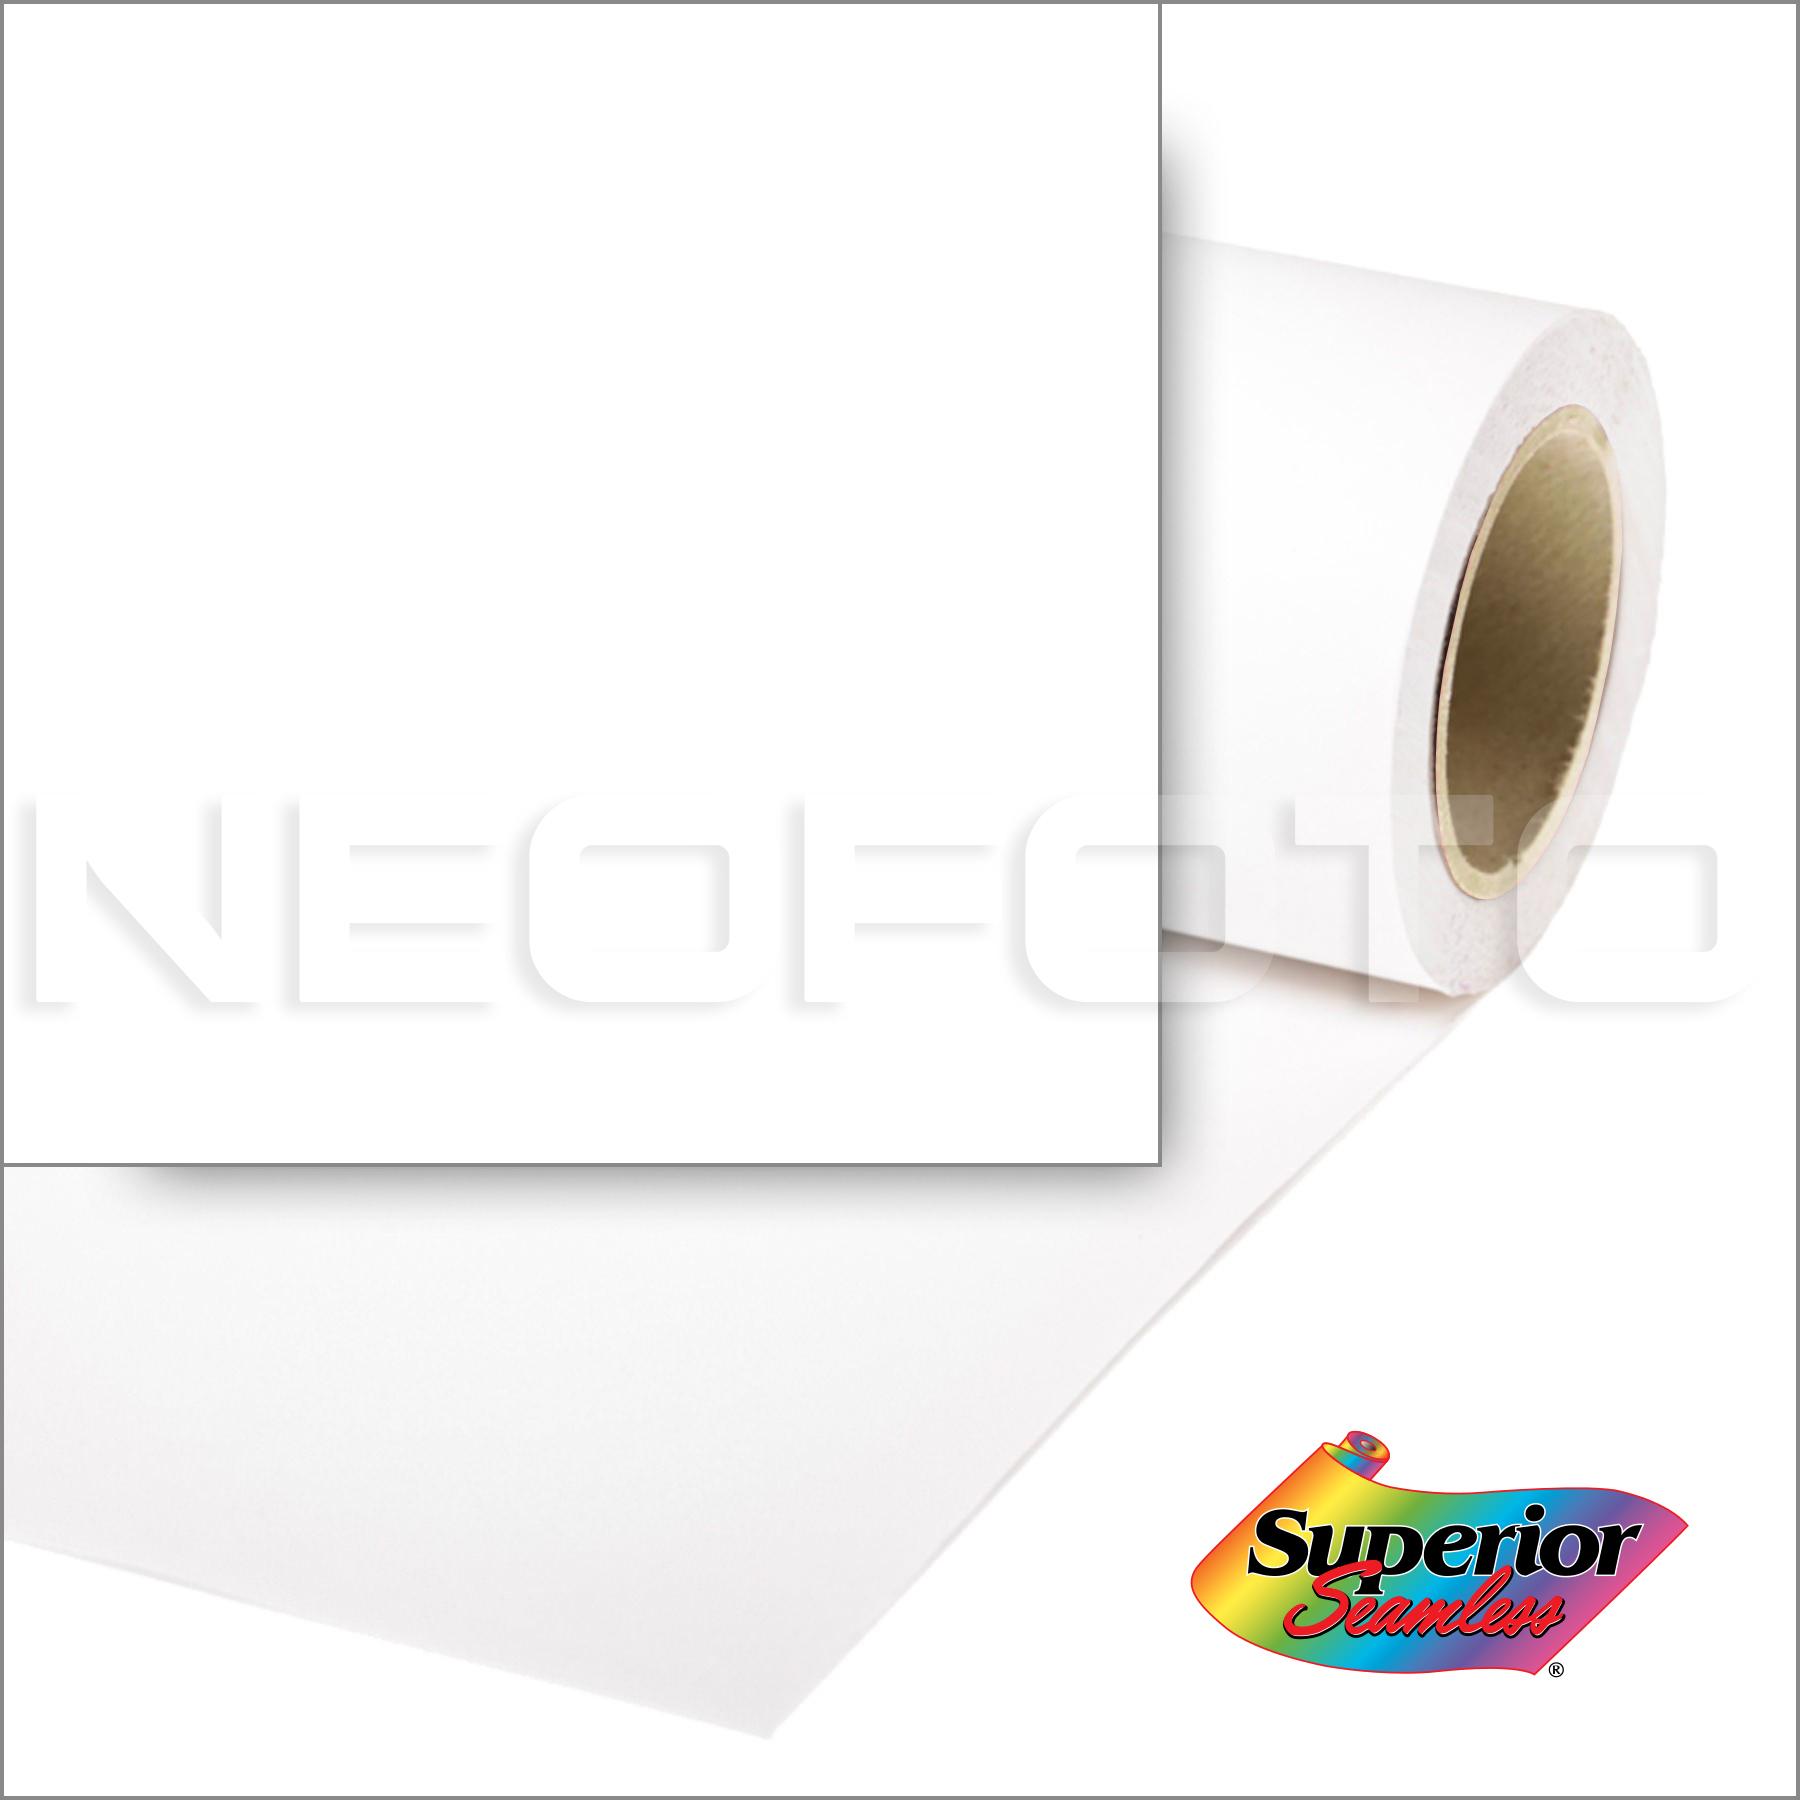 Superior 93 2.10 Х 5.5м Arctic White